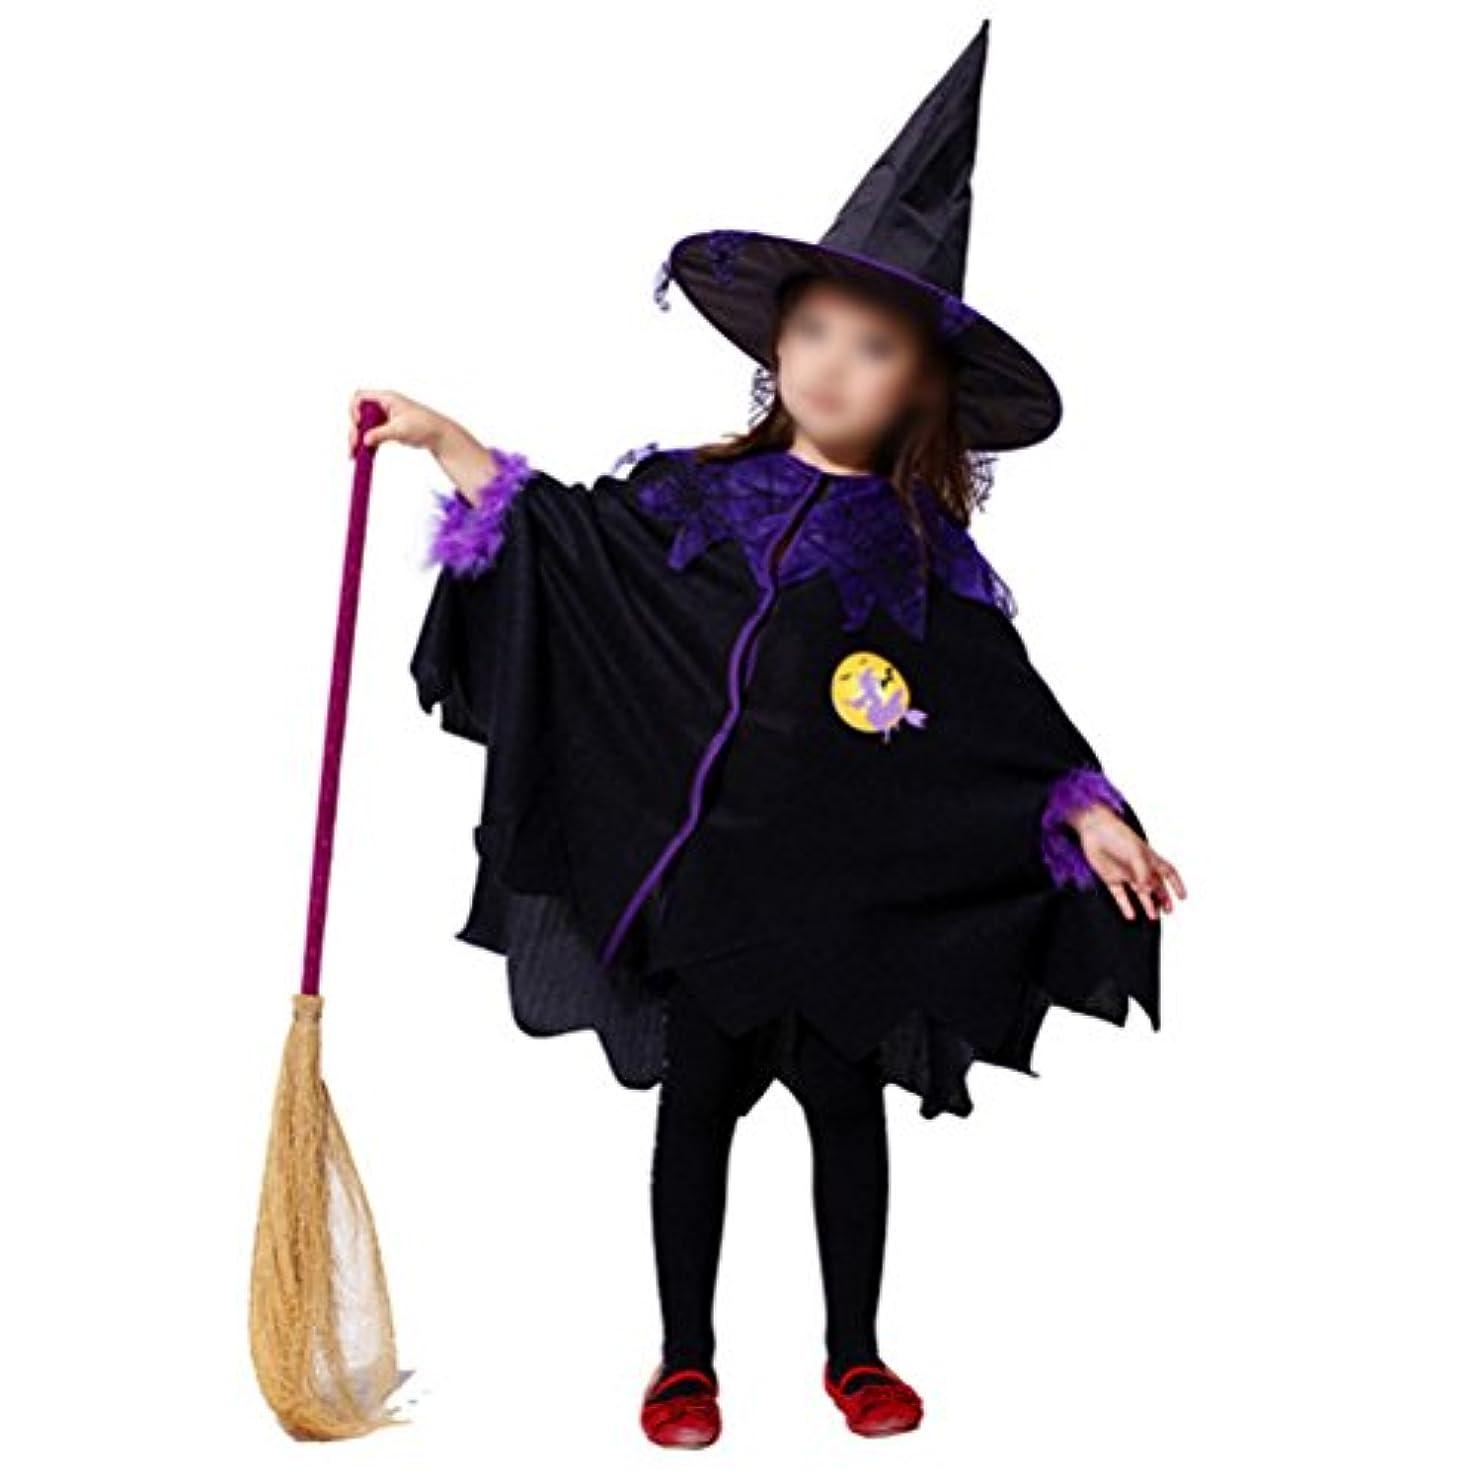 ボア十代の若者たち傀儡BESTOYARD 子供ハロウィンコスプレ衣装コスプレドレスアップ帽子とクローク(ブラックL)